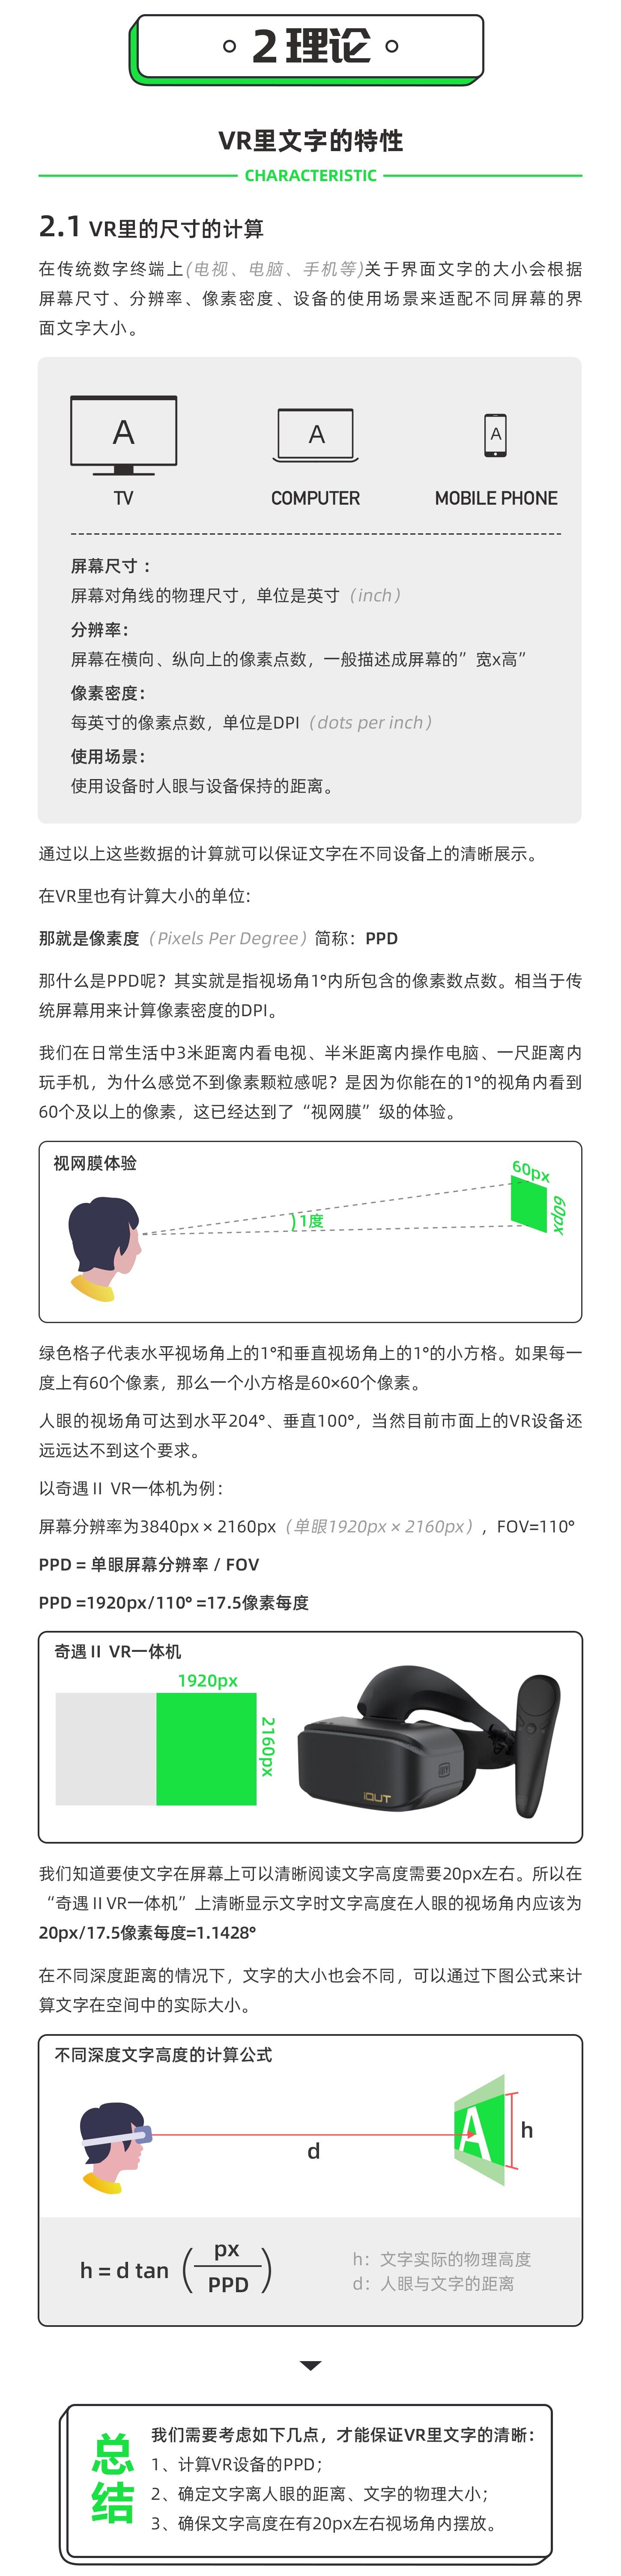 爱奇艺 VR 设计实战案例:界面文字篇